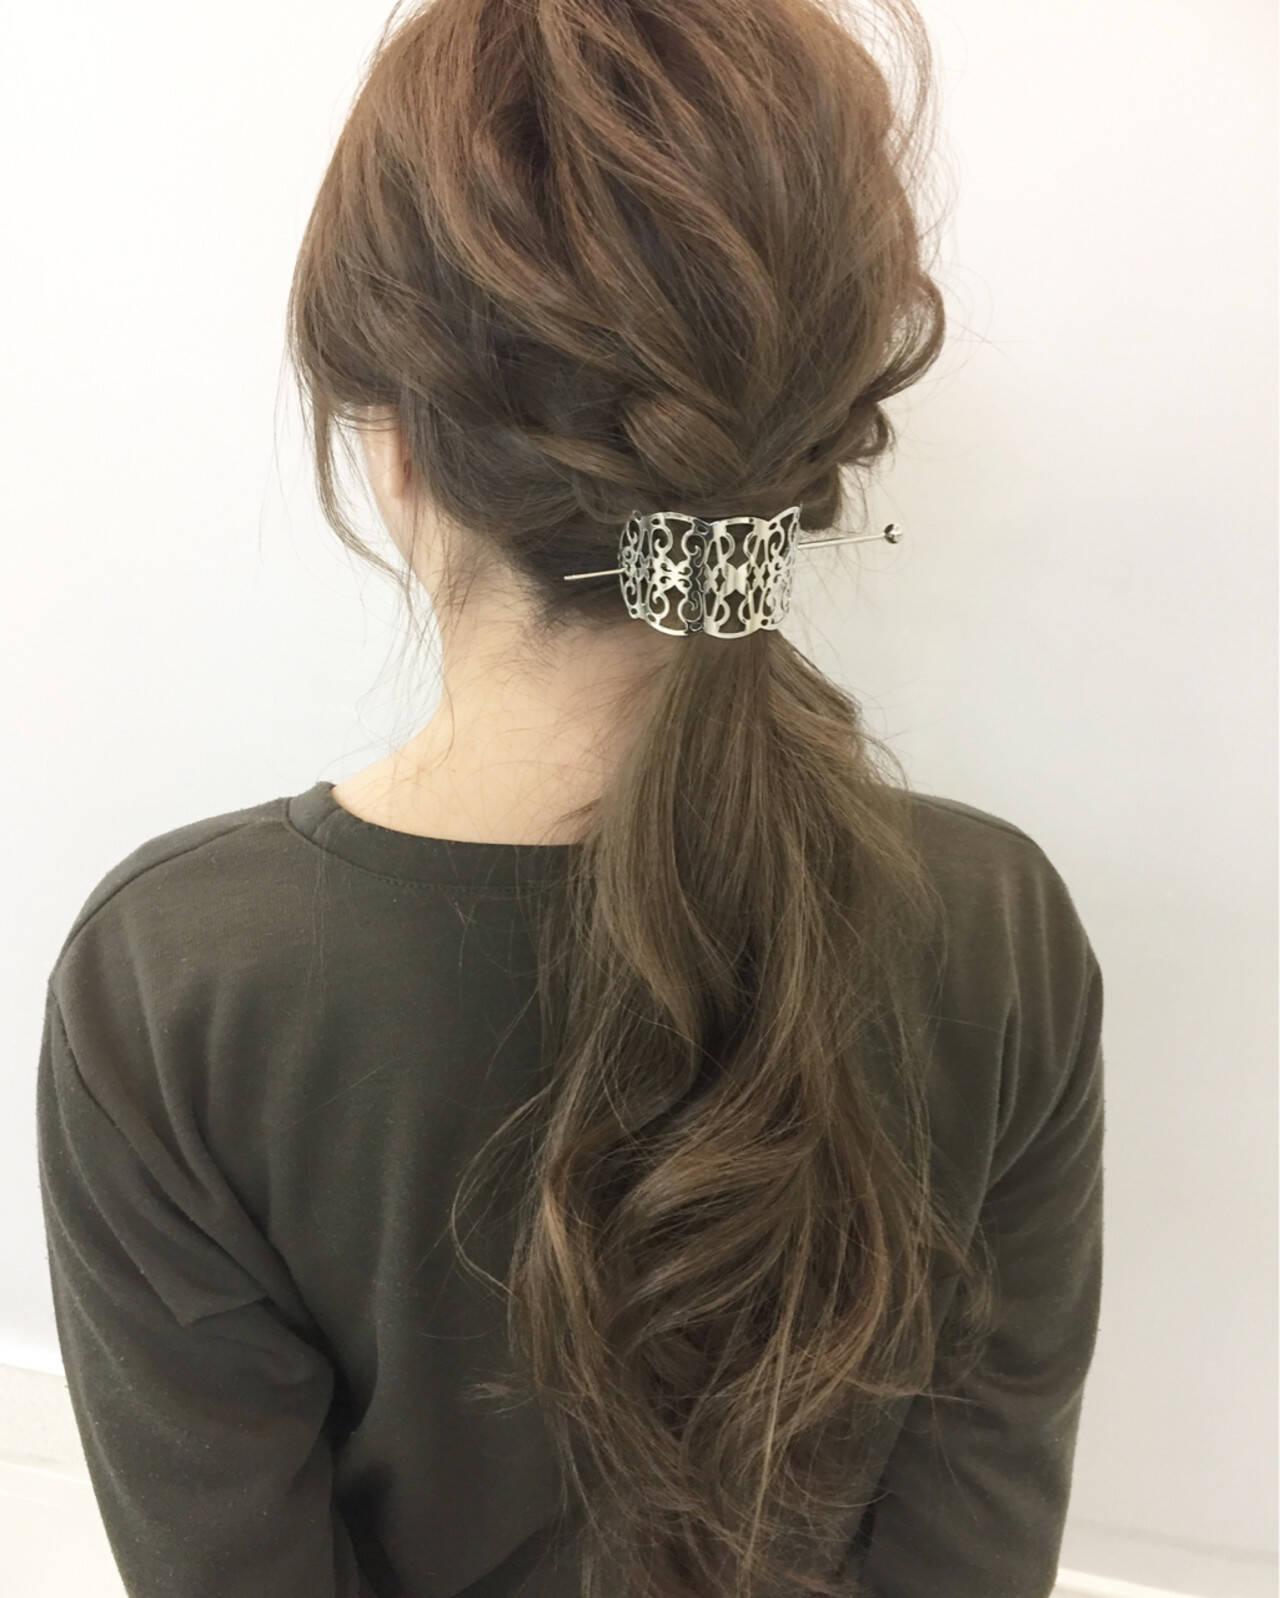 ポニーテール 編み込み ショート 大人女子ヘアスタイルや髪型の写真・画像